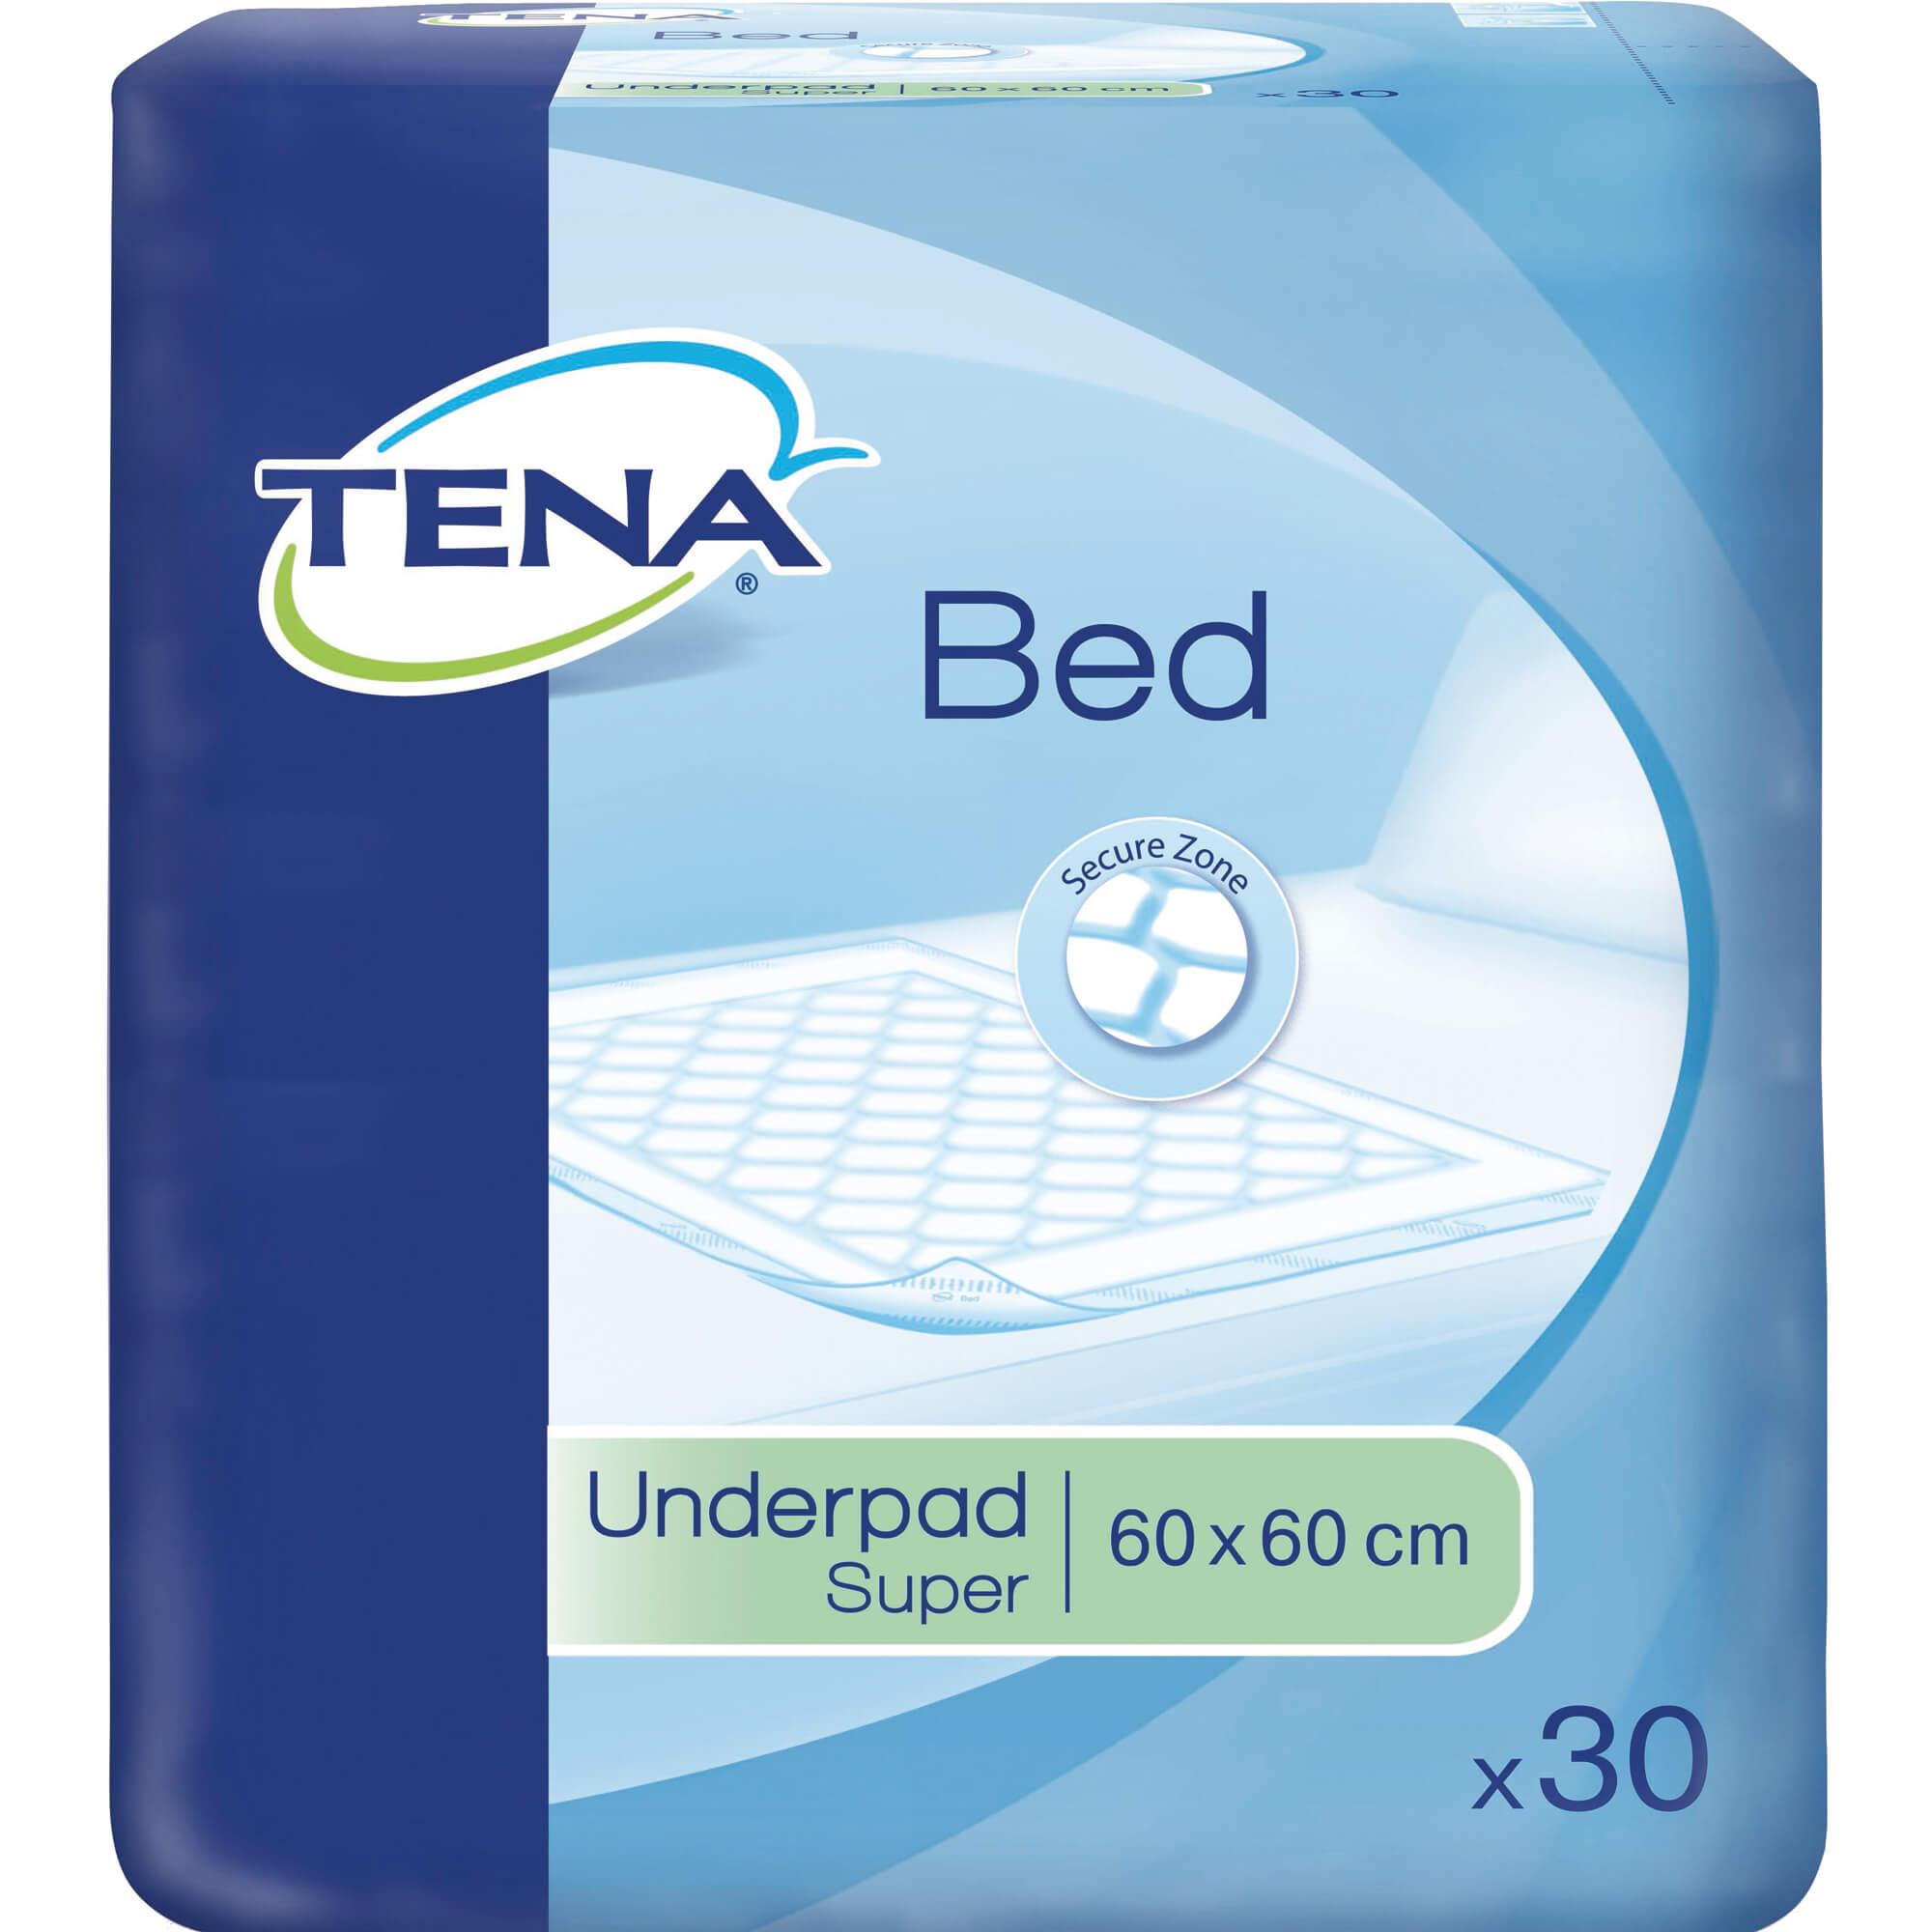 TENA BED super 60x60 cm